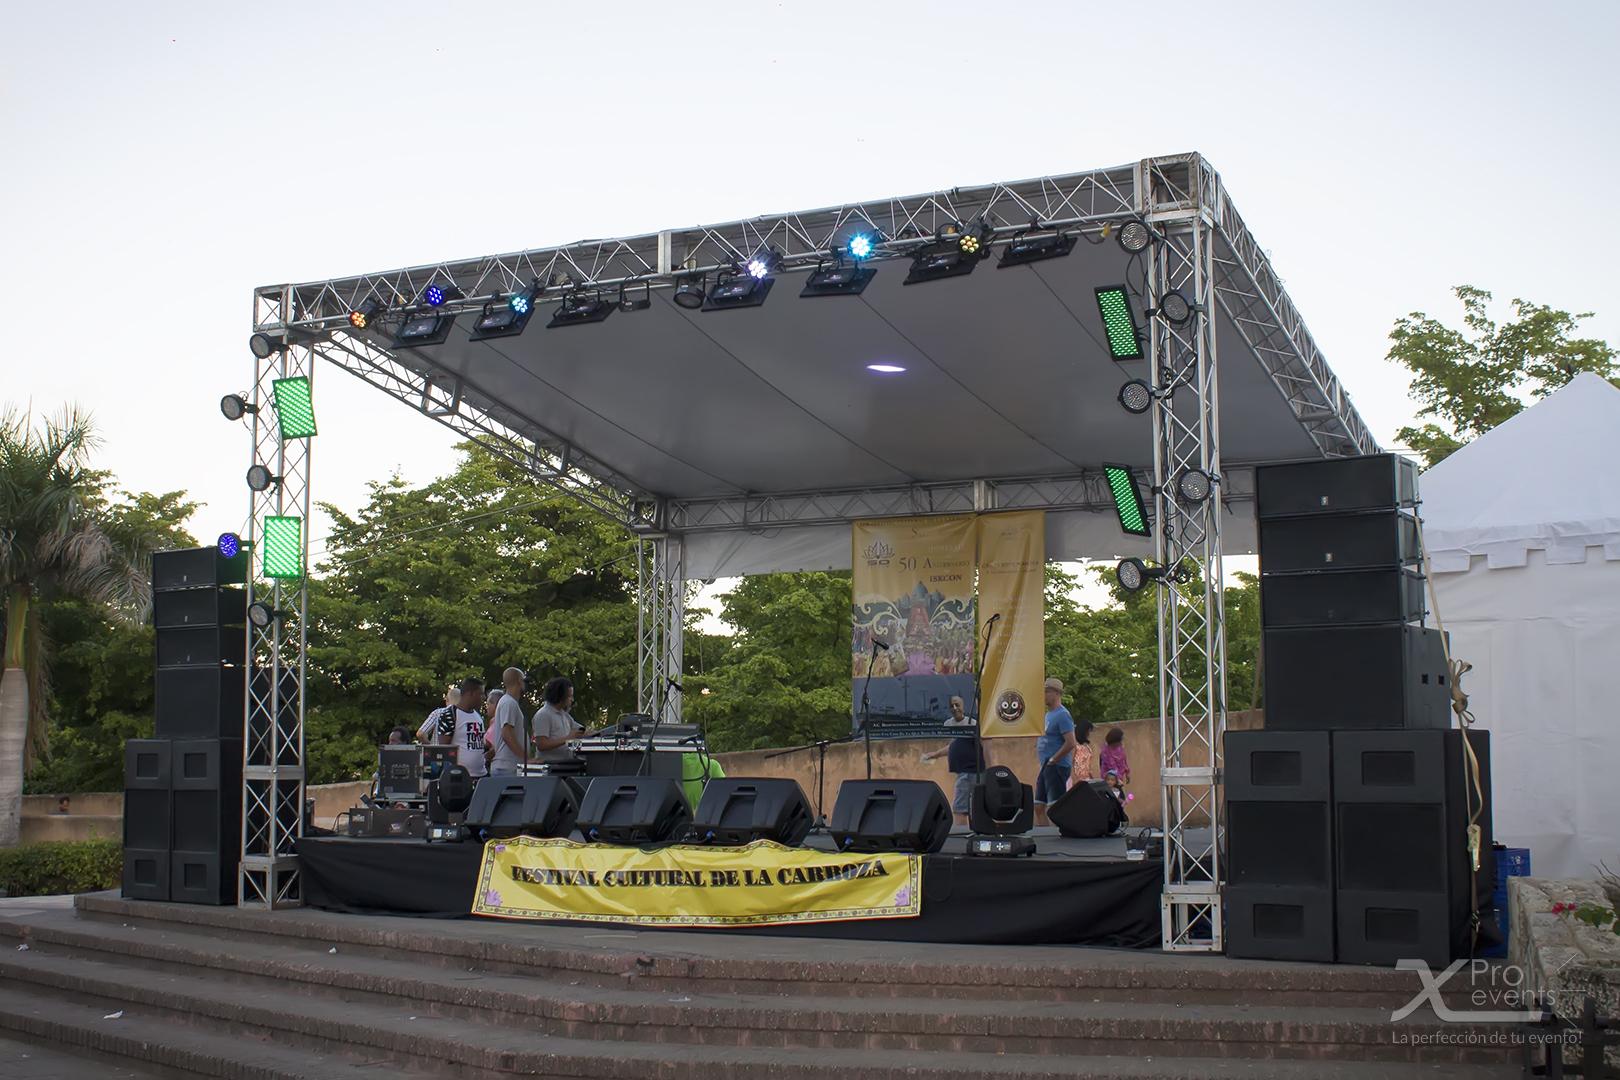 X Pro events - Montajes completos para conciertos (1)